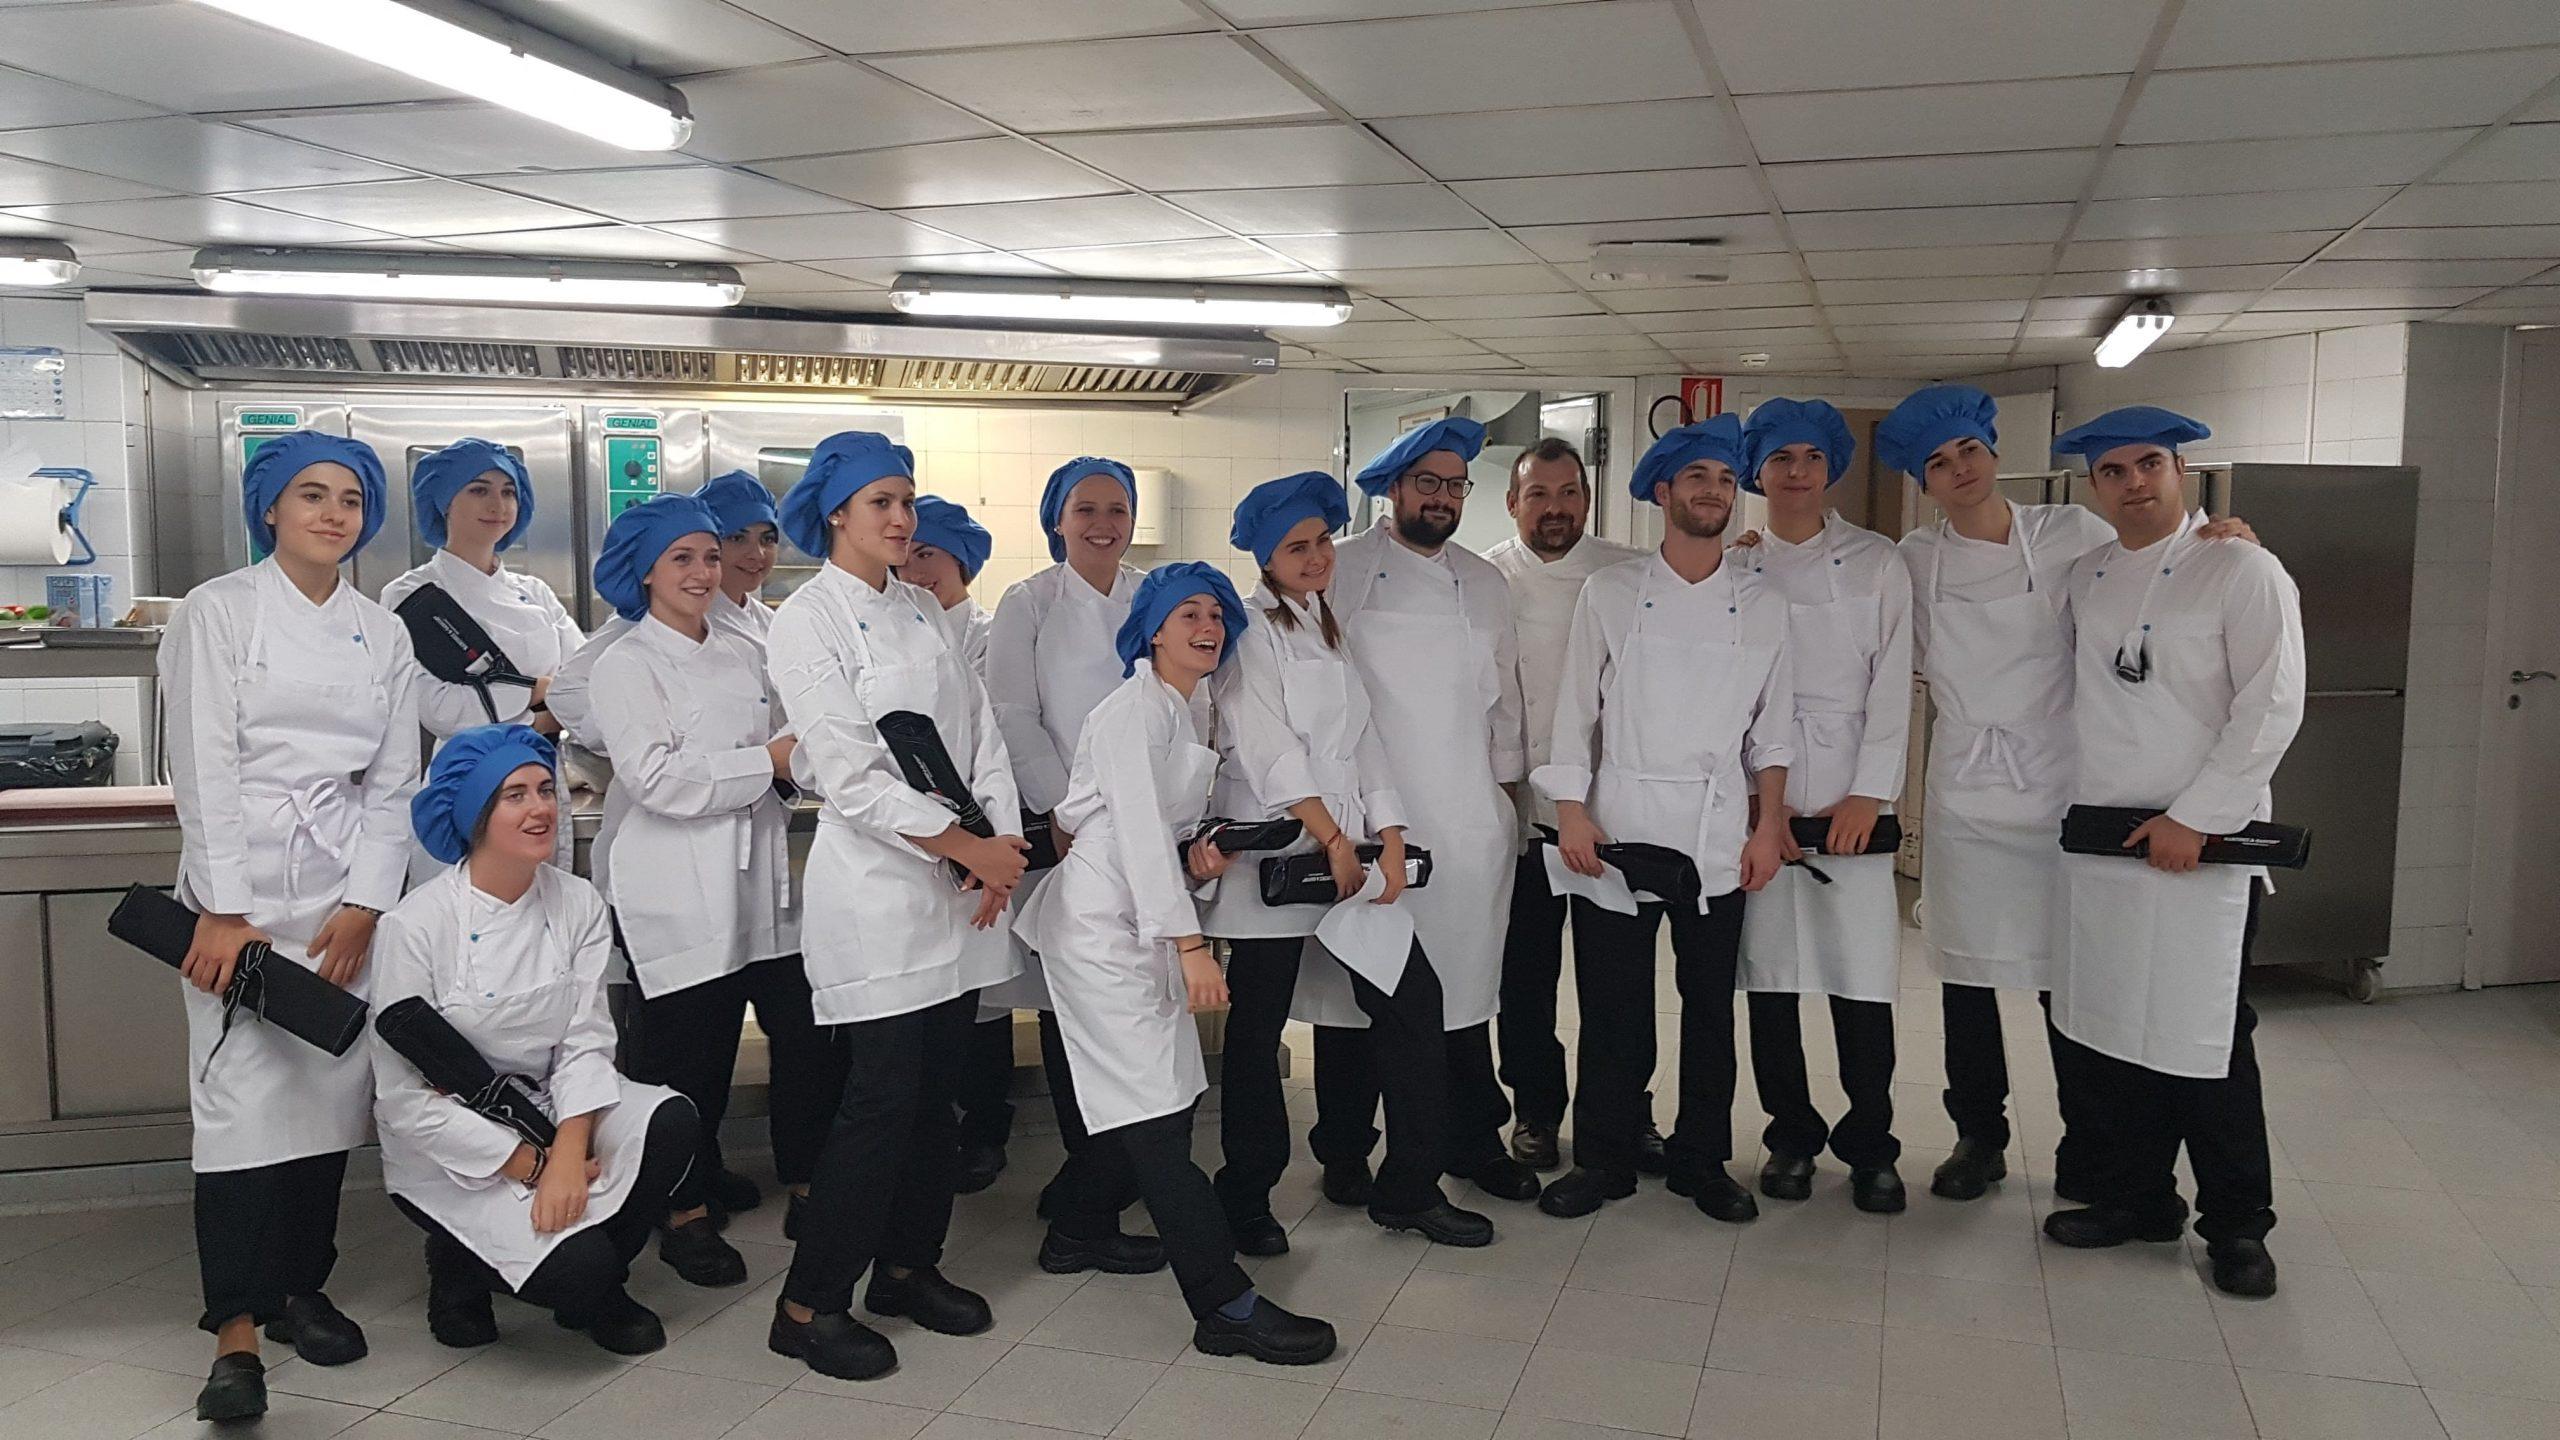 Imagen de los alumnos de la Escuela de Dirección Hotelera de Málaga